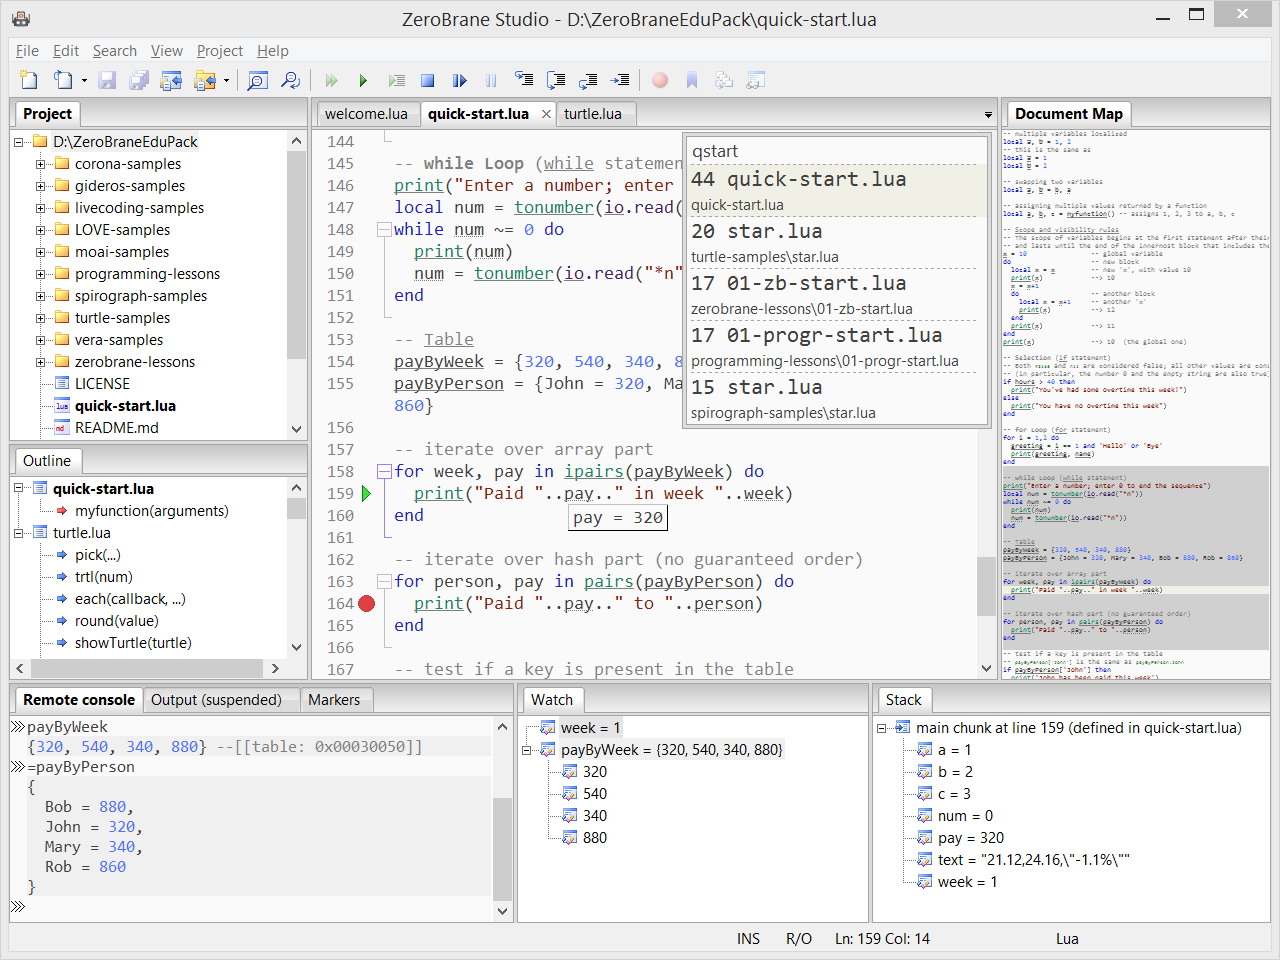 Features - ZeroBrane Studio for Vera/MCV devices - Lua IDE